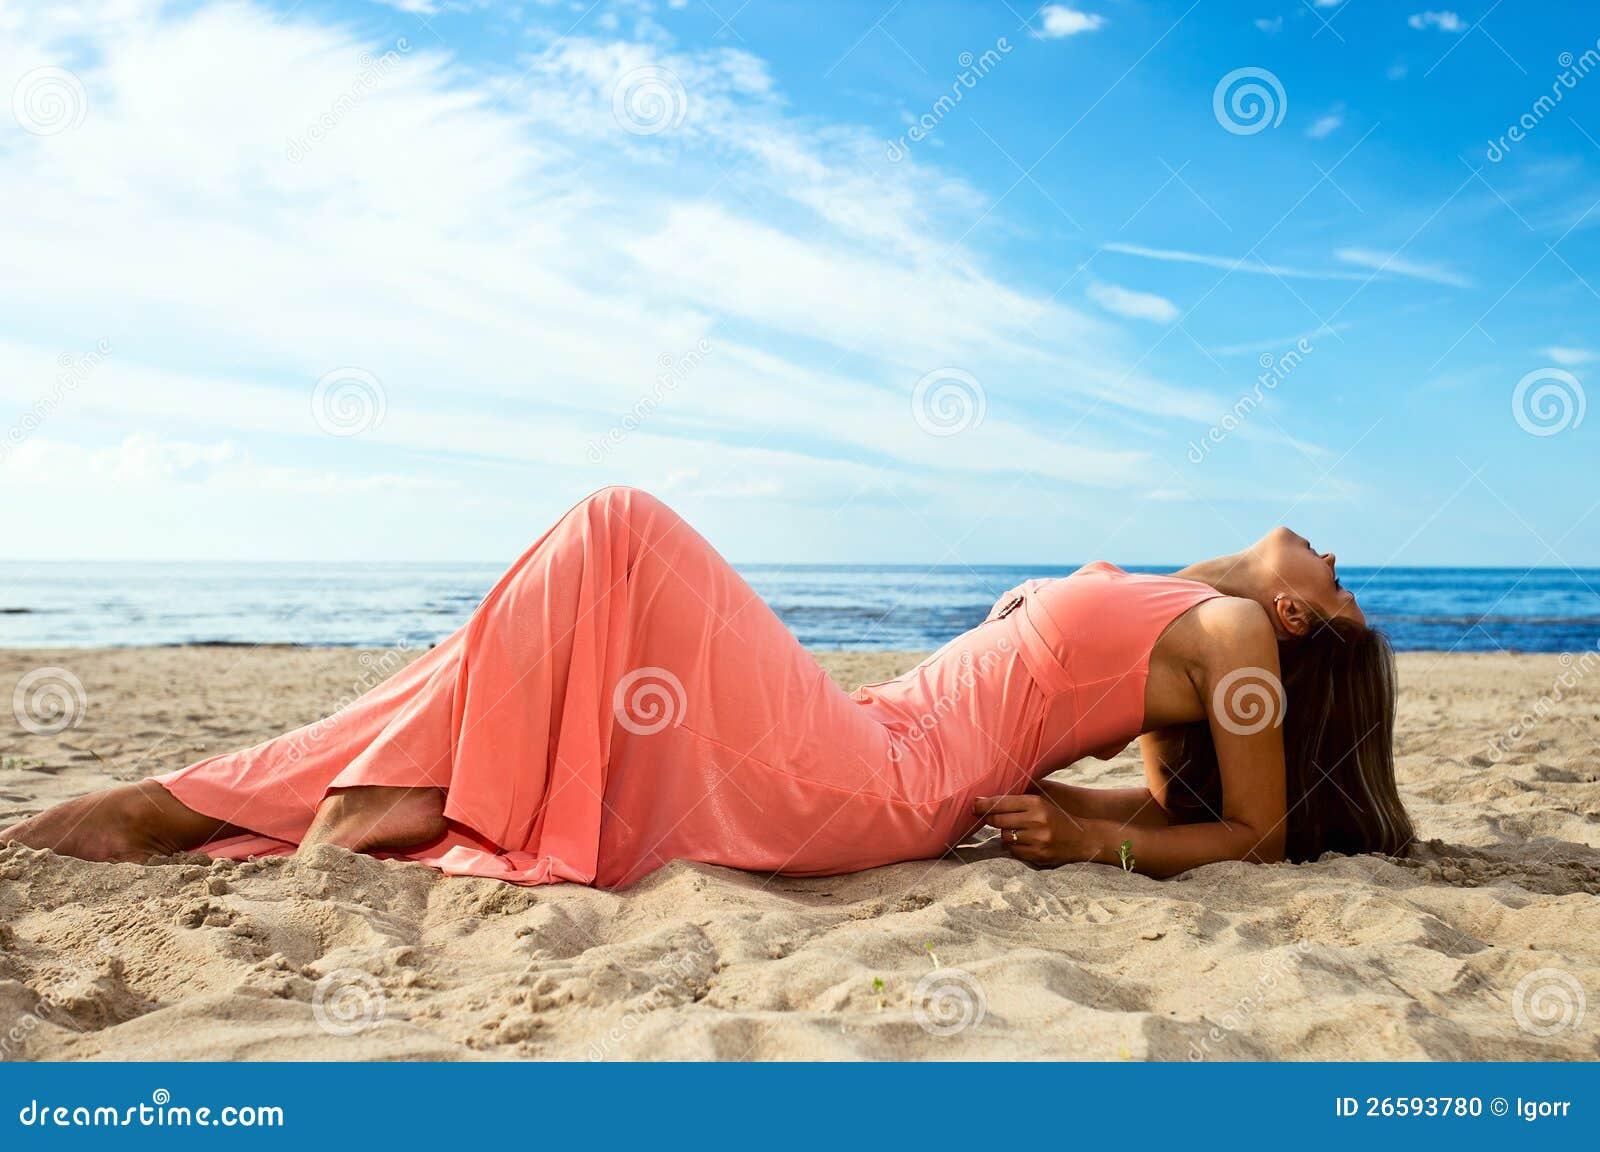 Красивые девушки на берегу в розовом платье пьяные